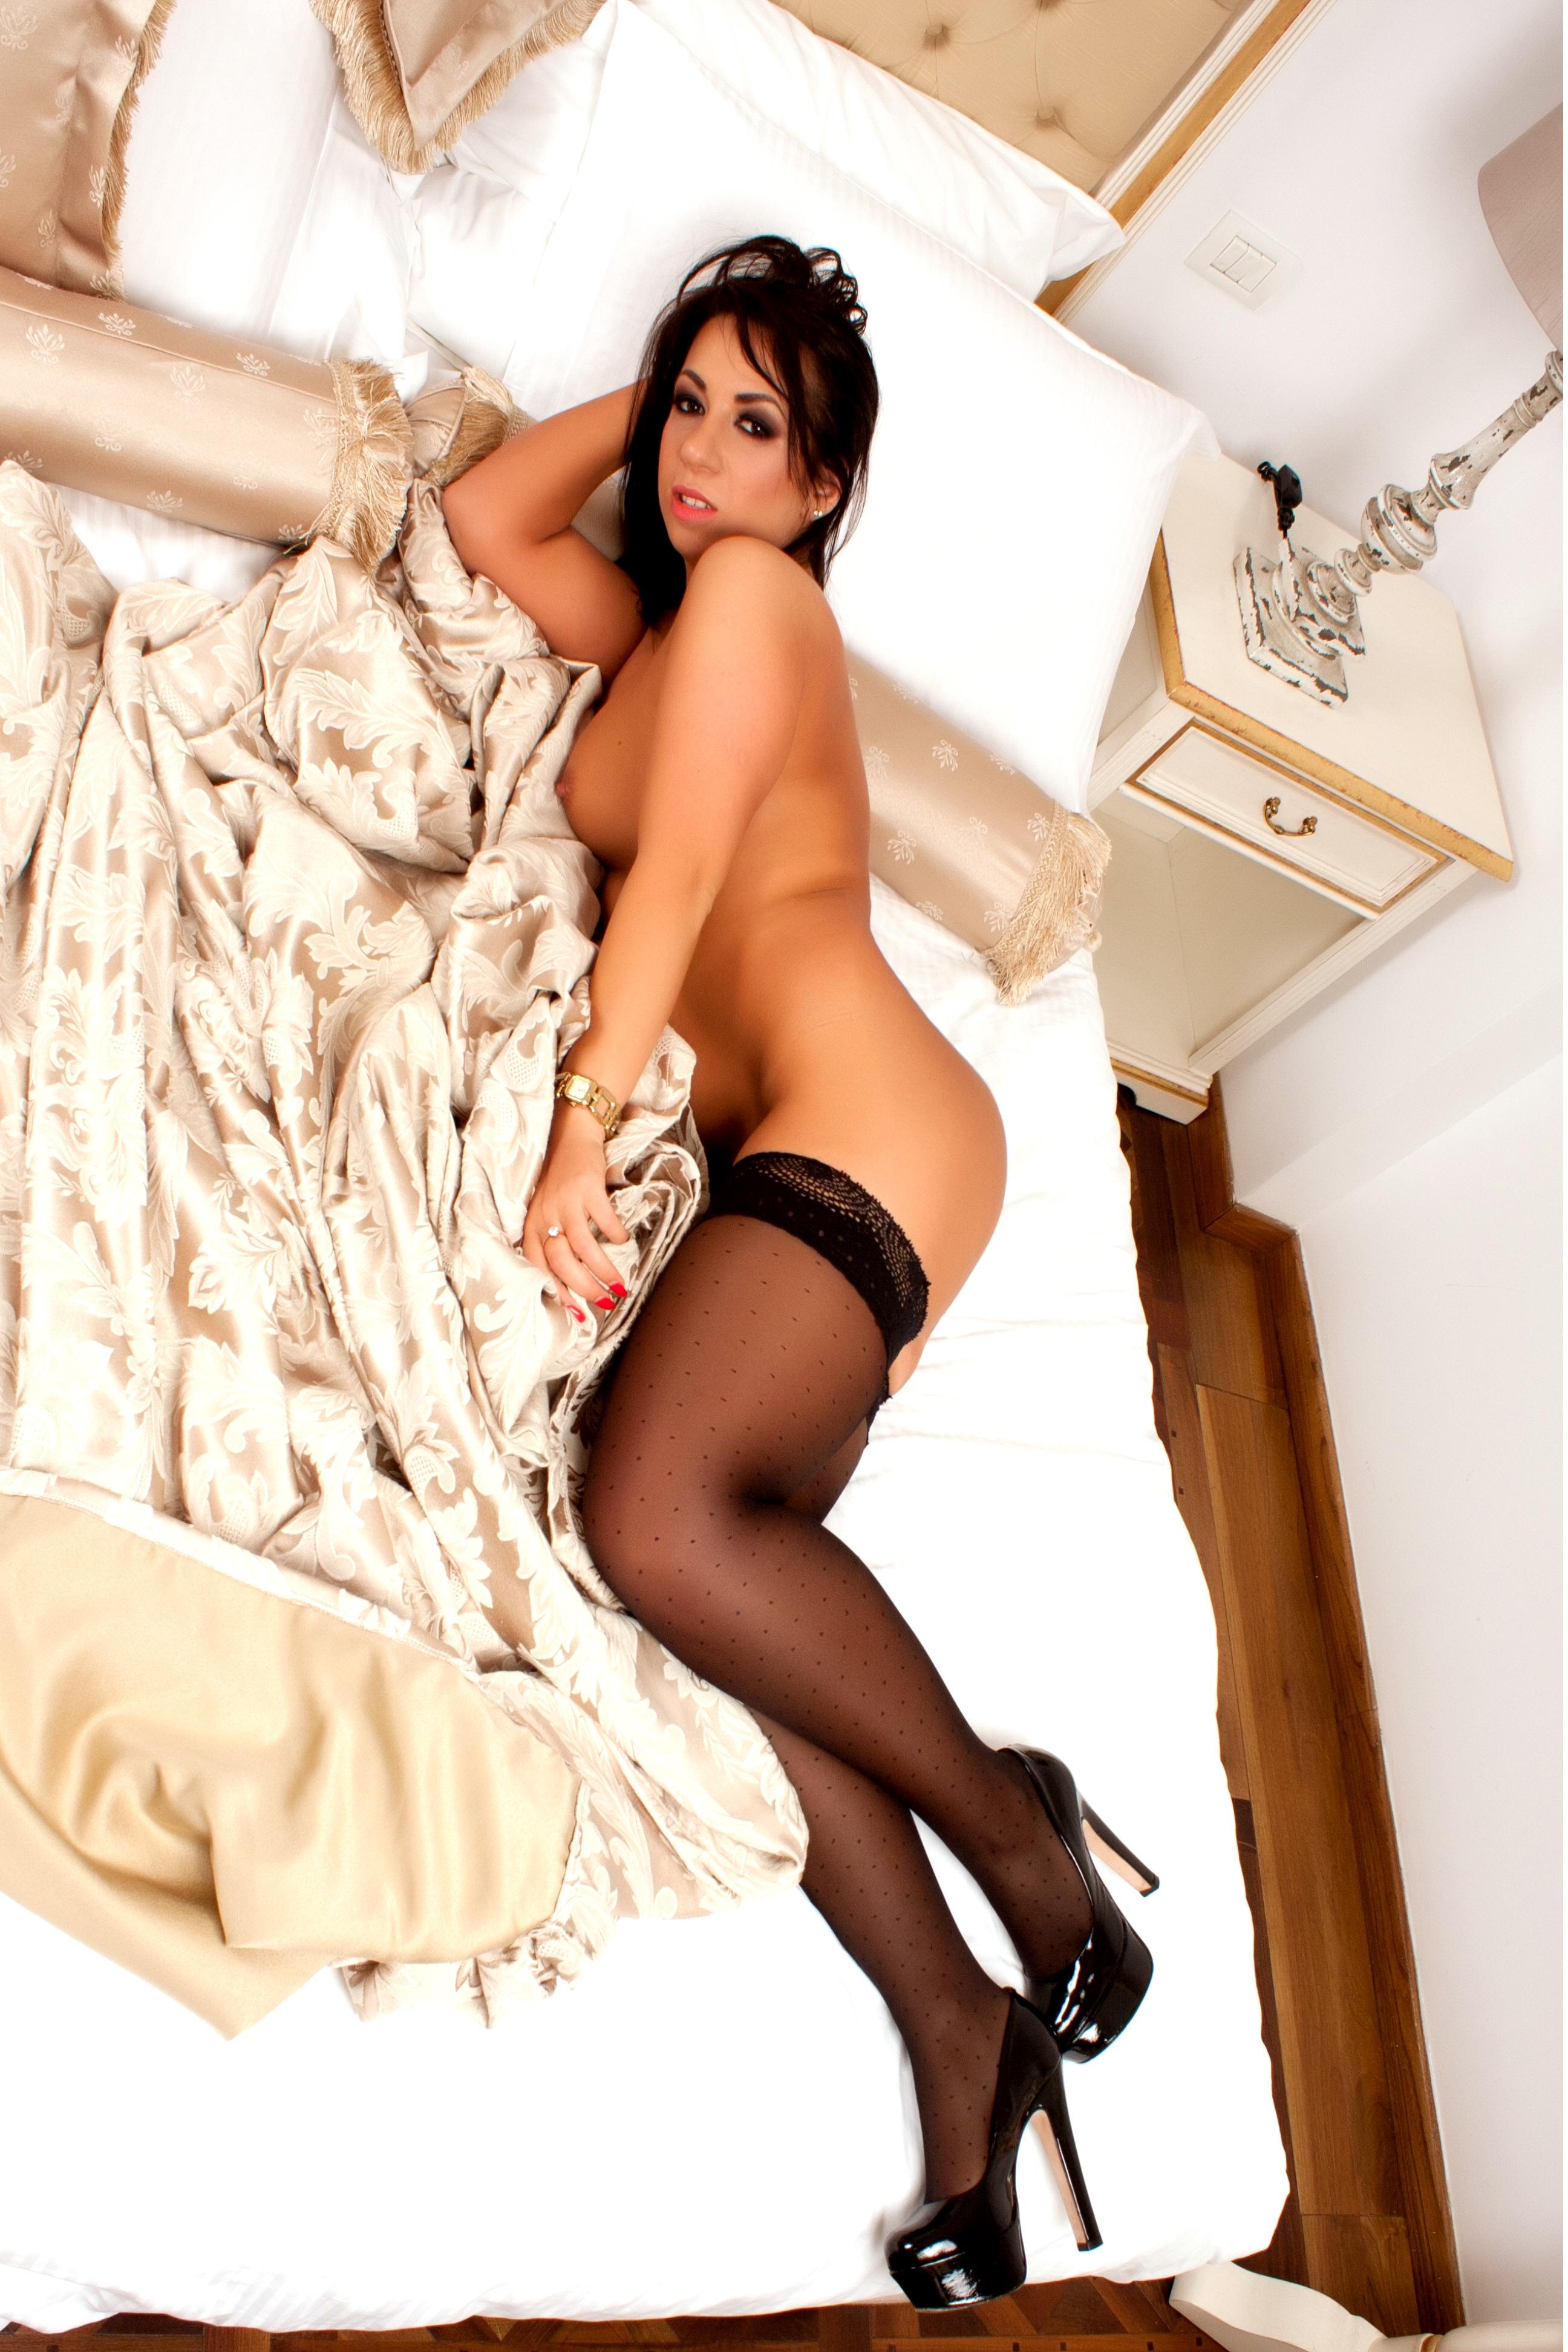 Tyra banks show sexy